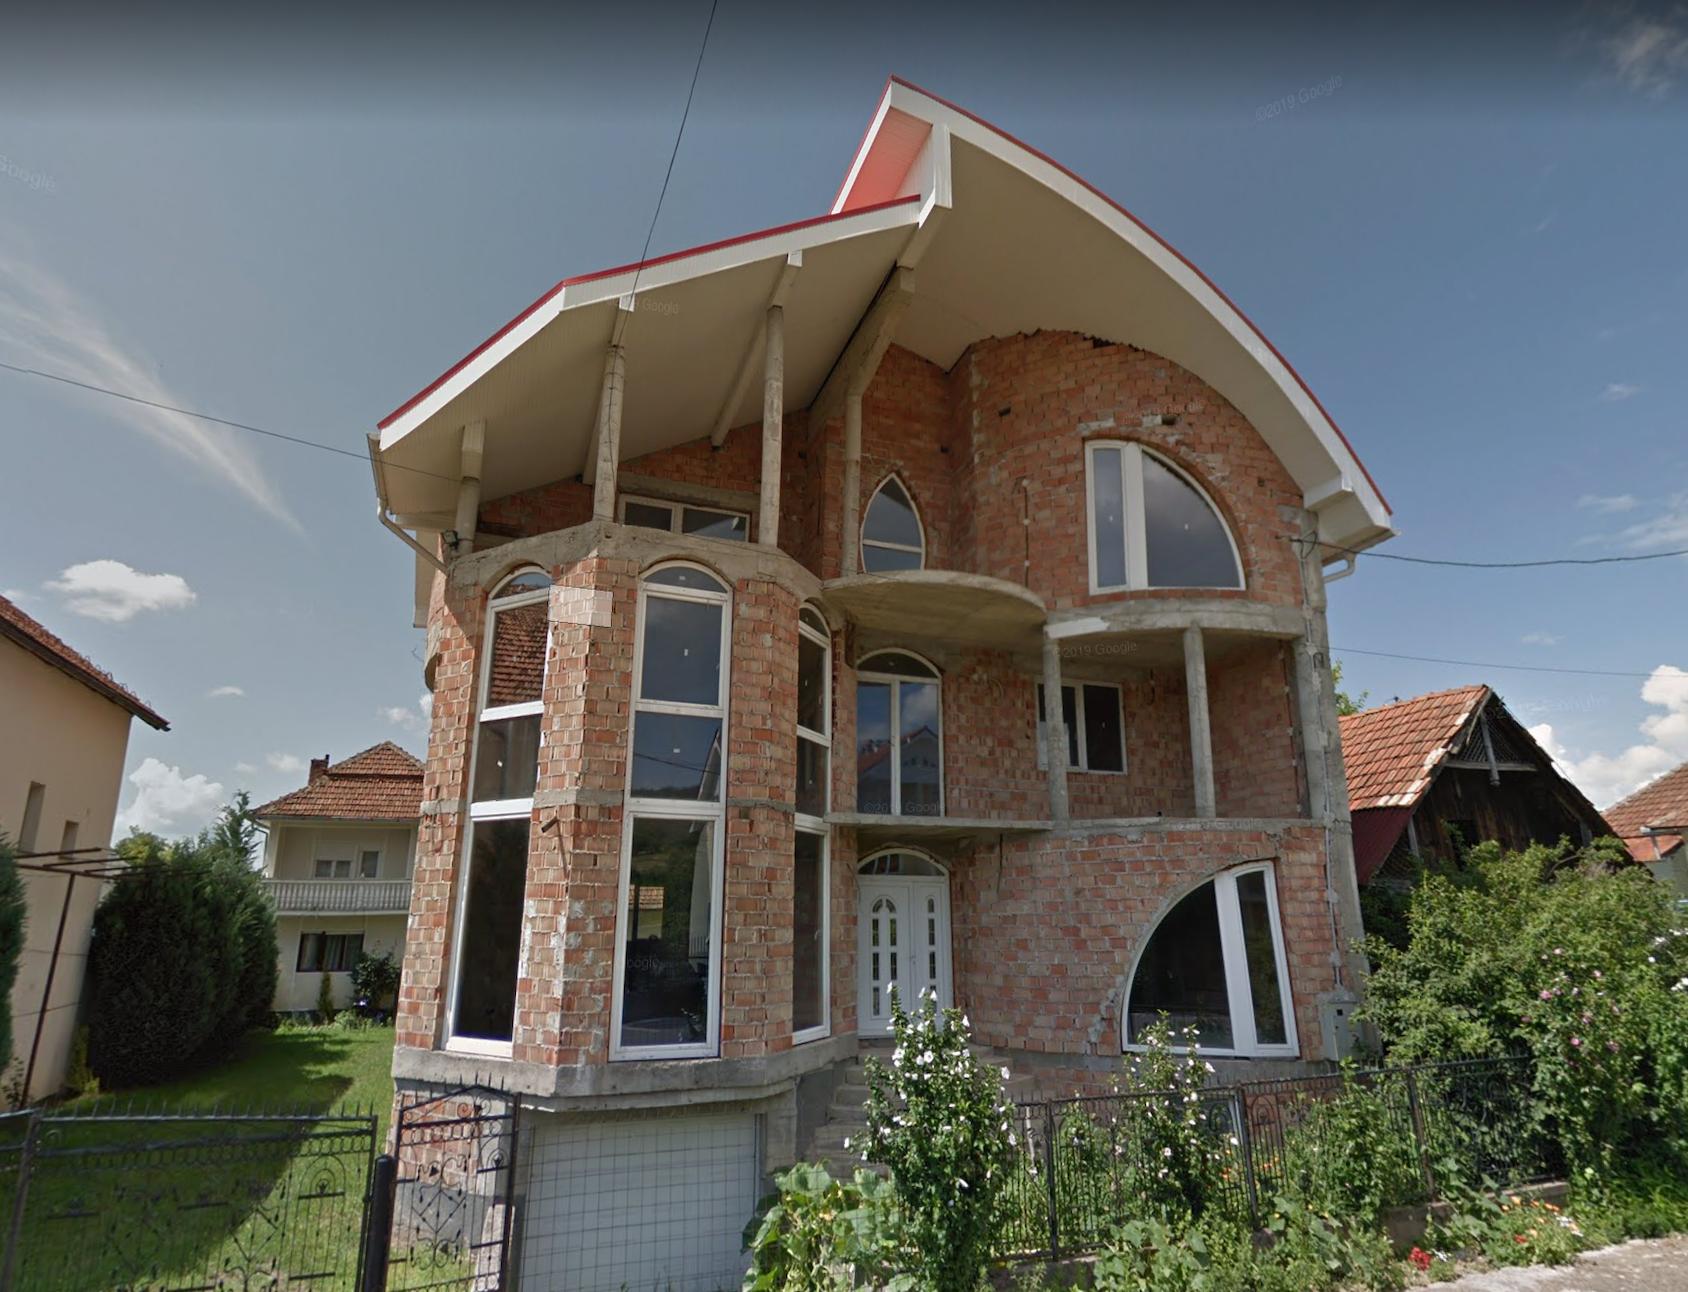 Maison d'Oas ((Google street view)